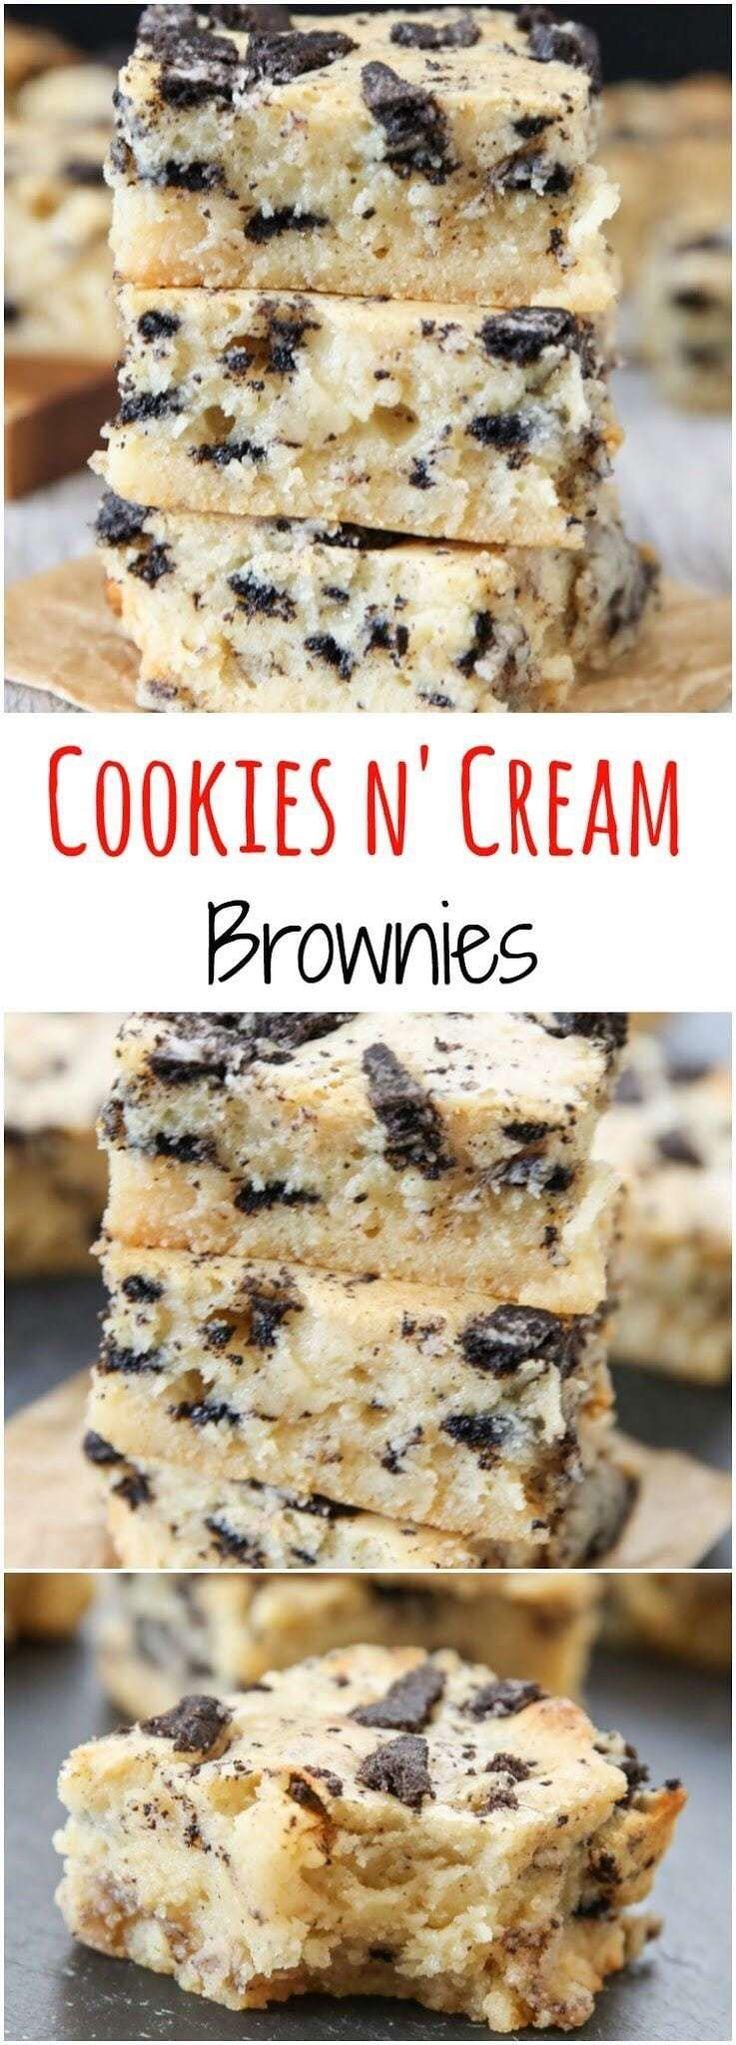 Cookies and Cream Brownies (Easy One Bowl Recipe) - Kirbie's Cravings